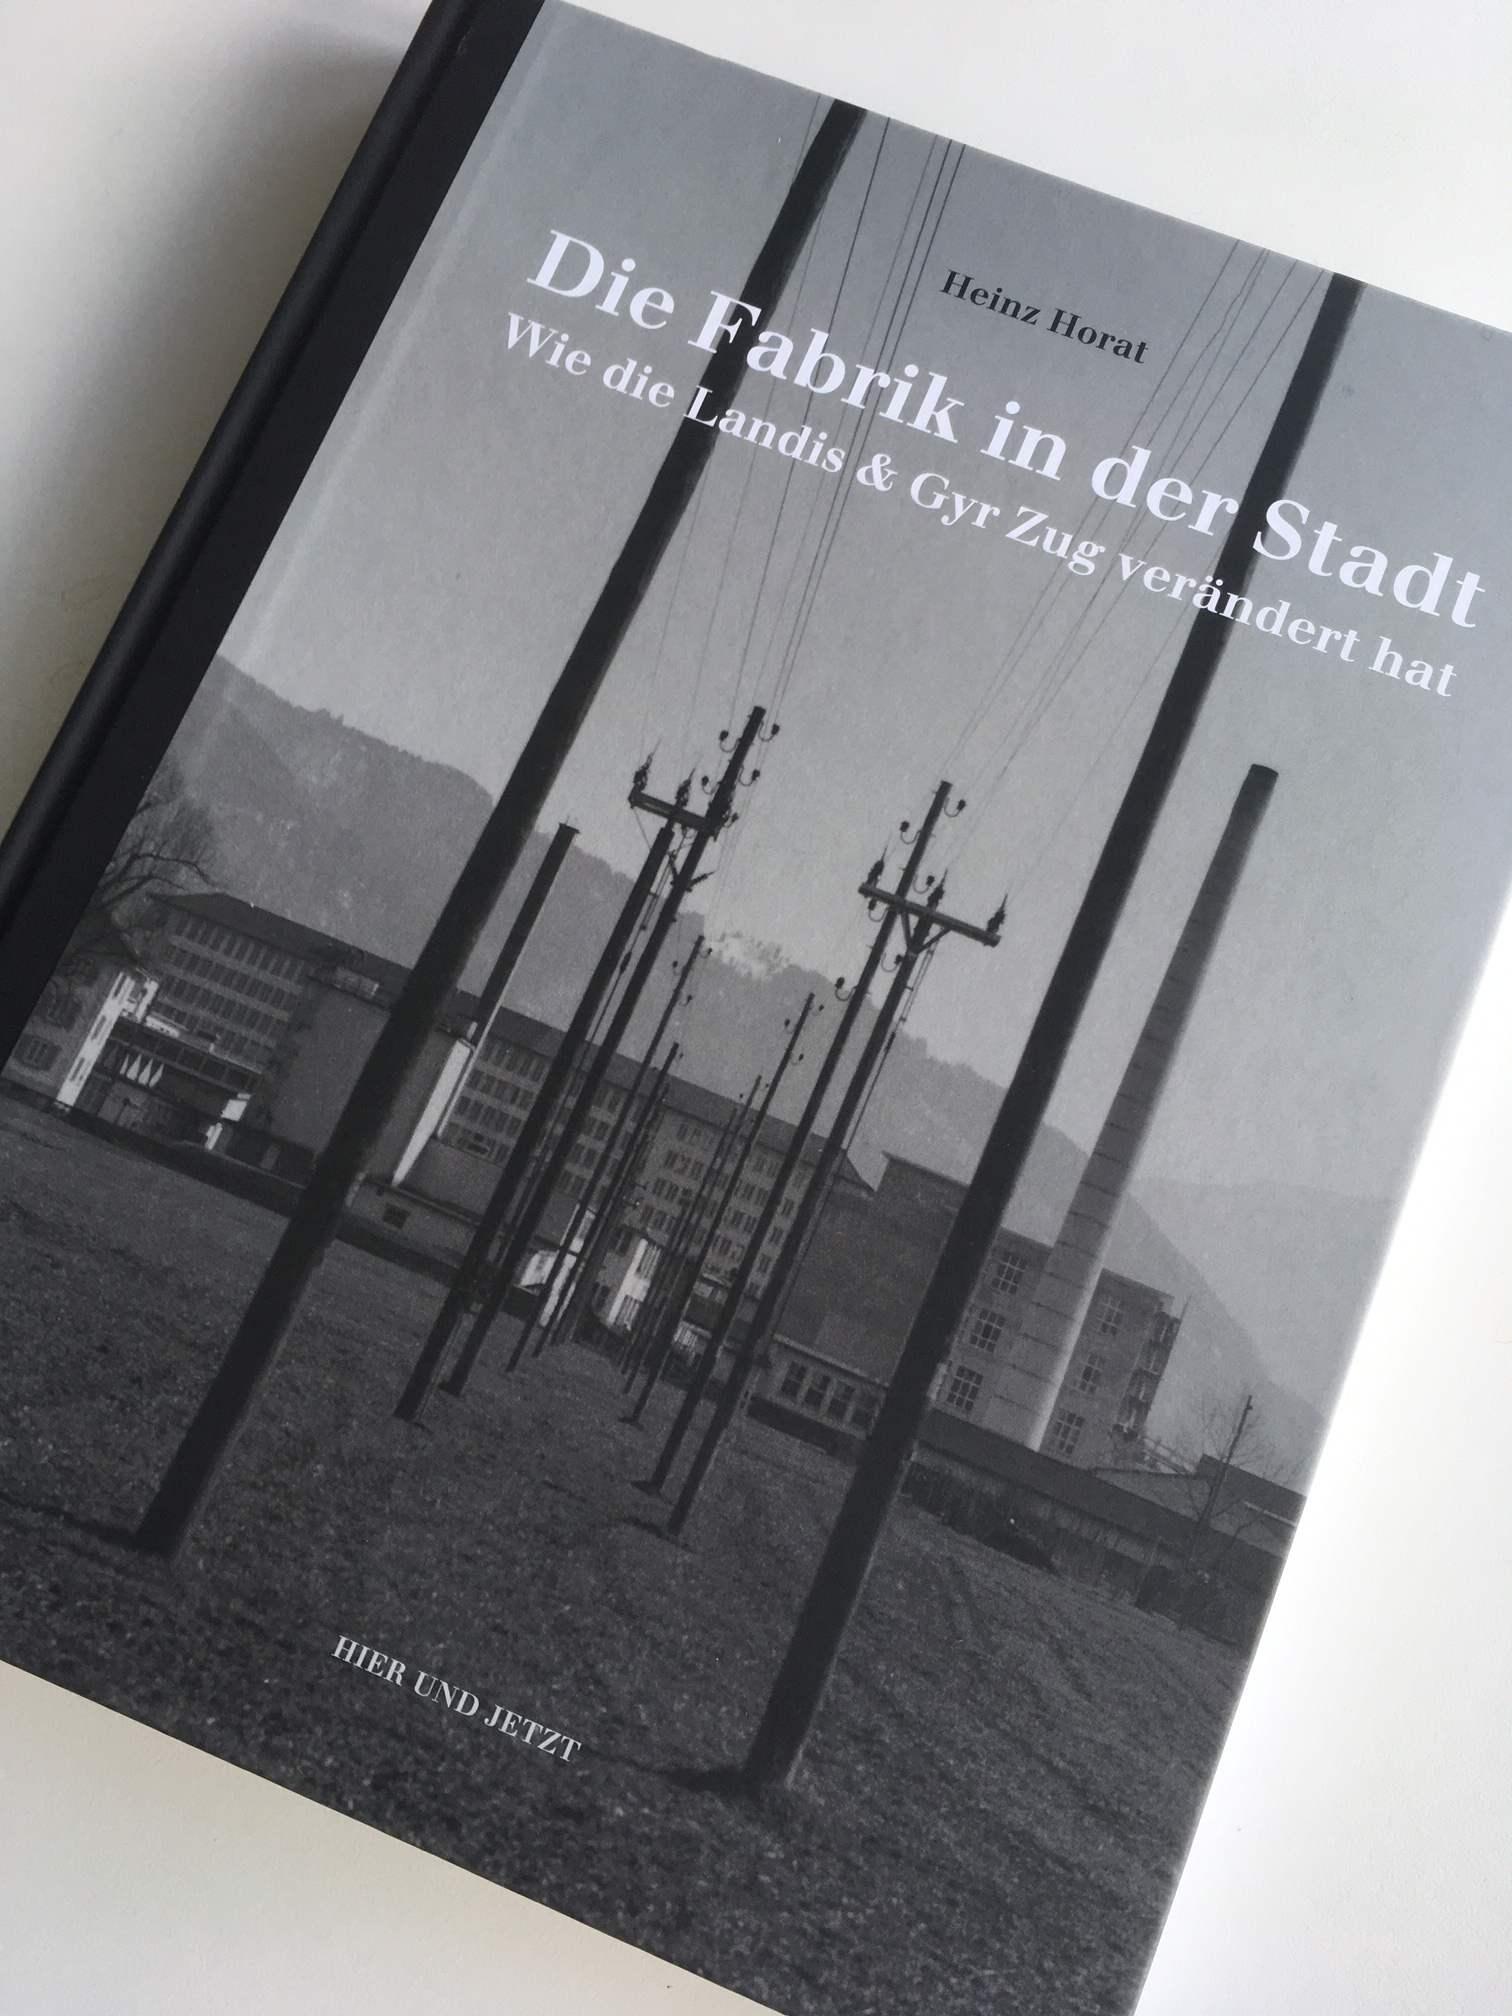 Das Buch «Die Fabrik in der Stadt». Herausgeber sind der Vereins Industriepfad Lorze und der Verlag Hier und Jetzt.